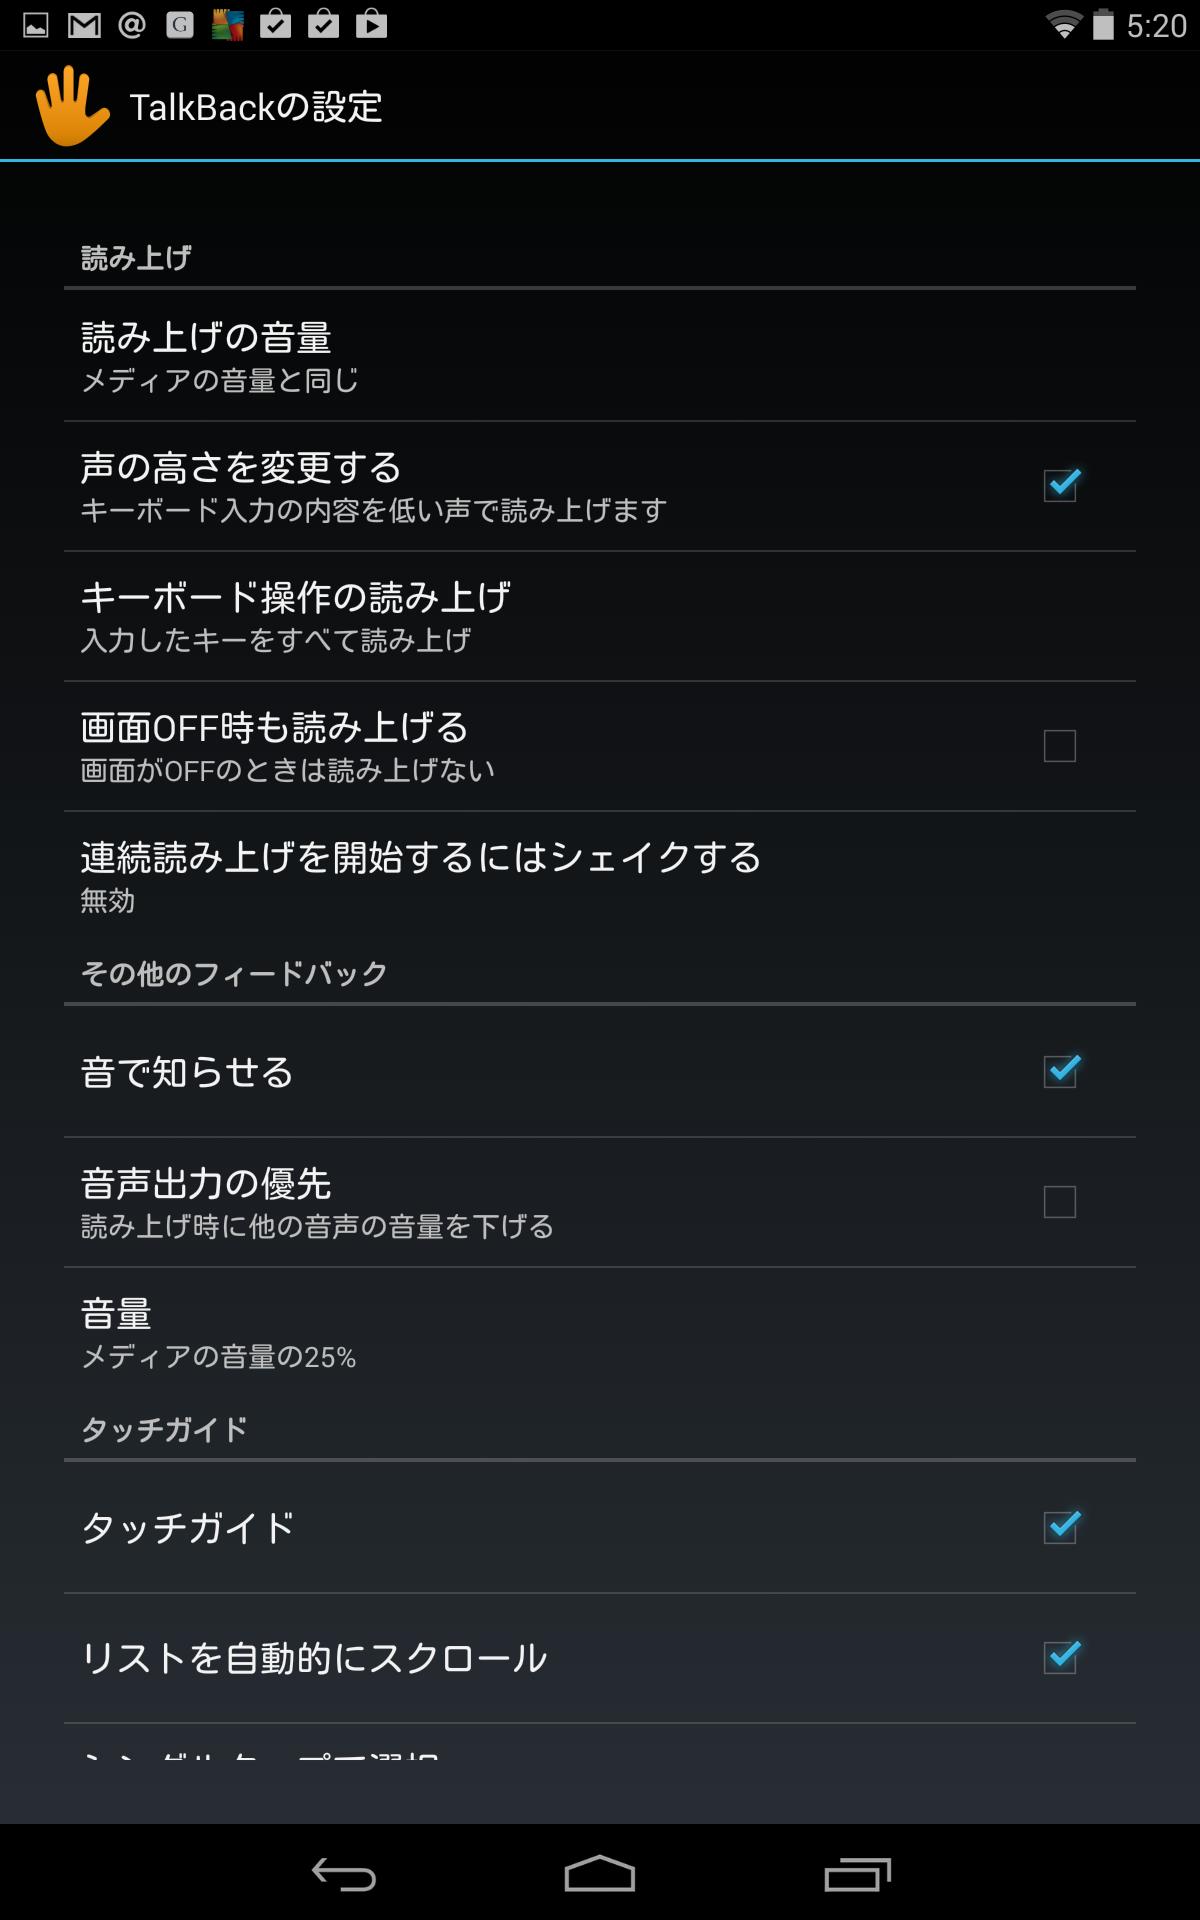 「TalkBack の設定」画面